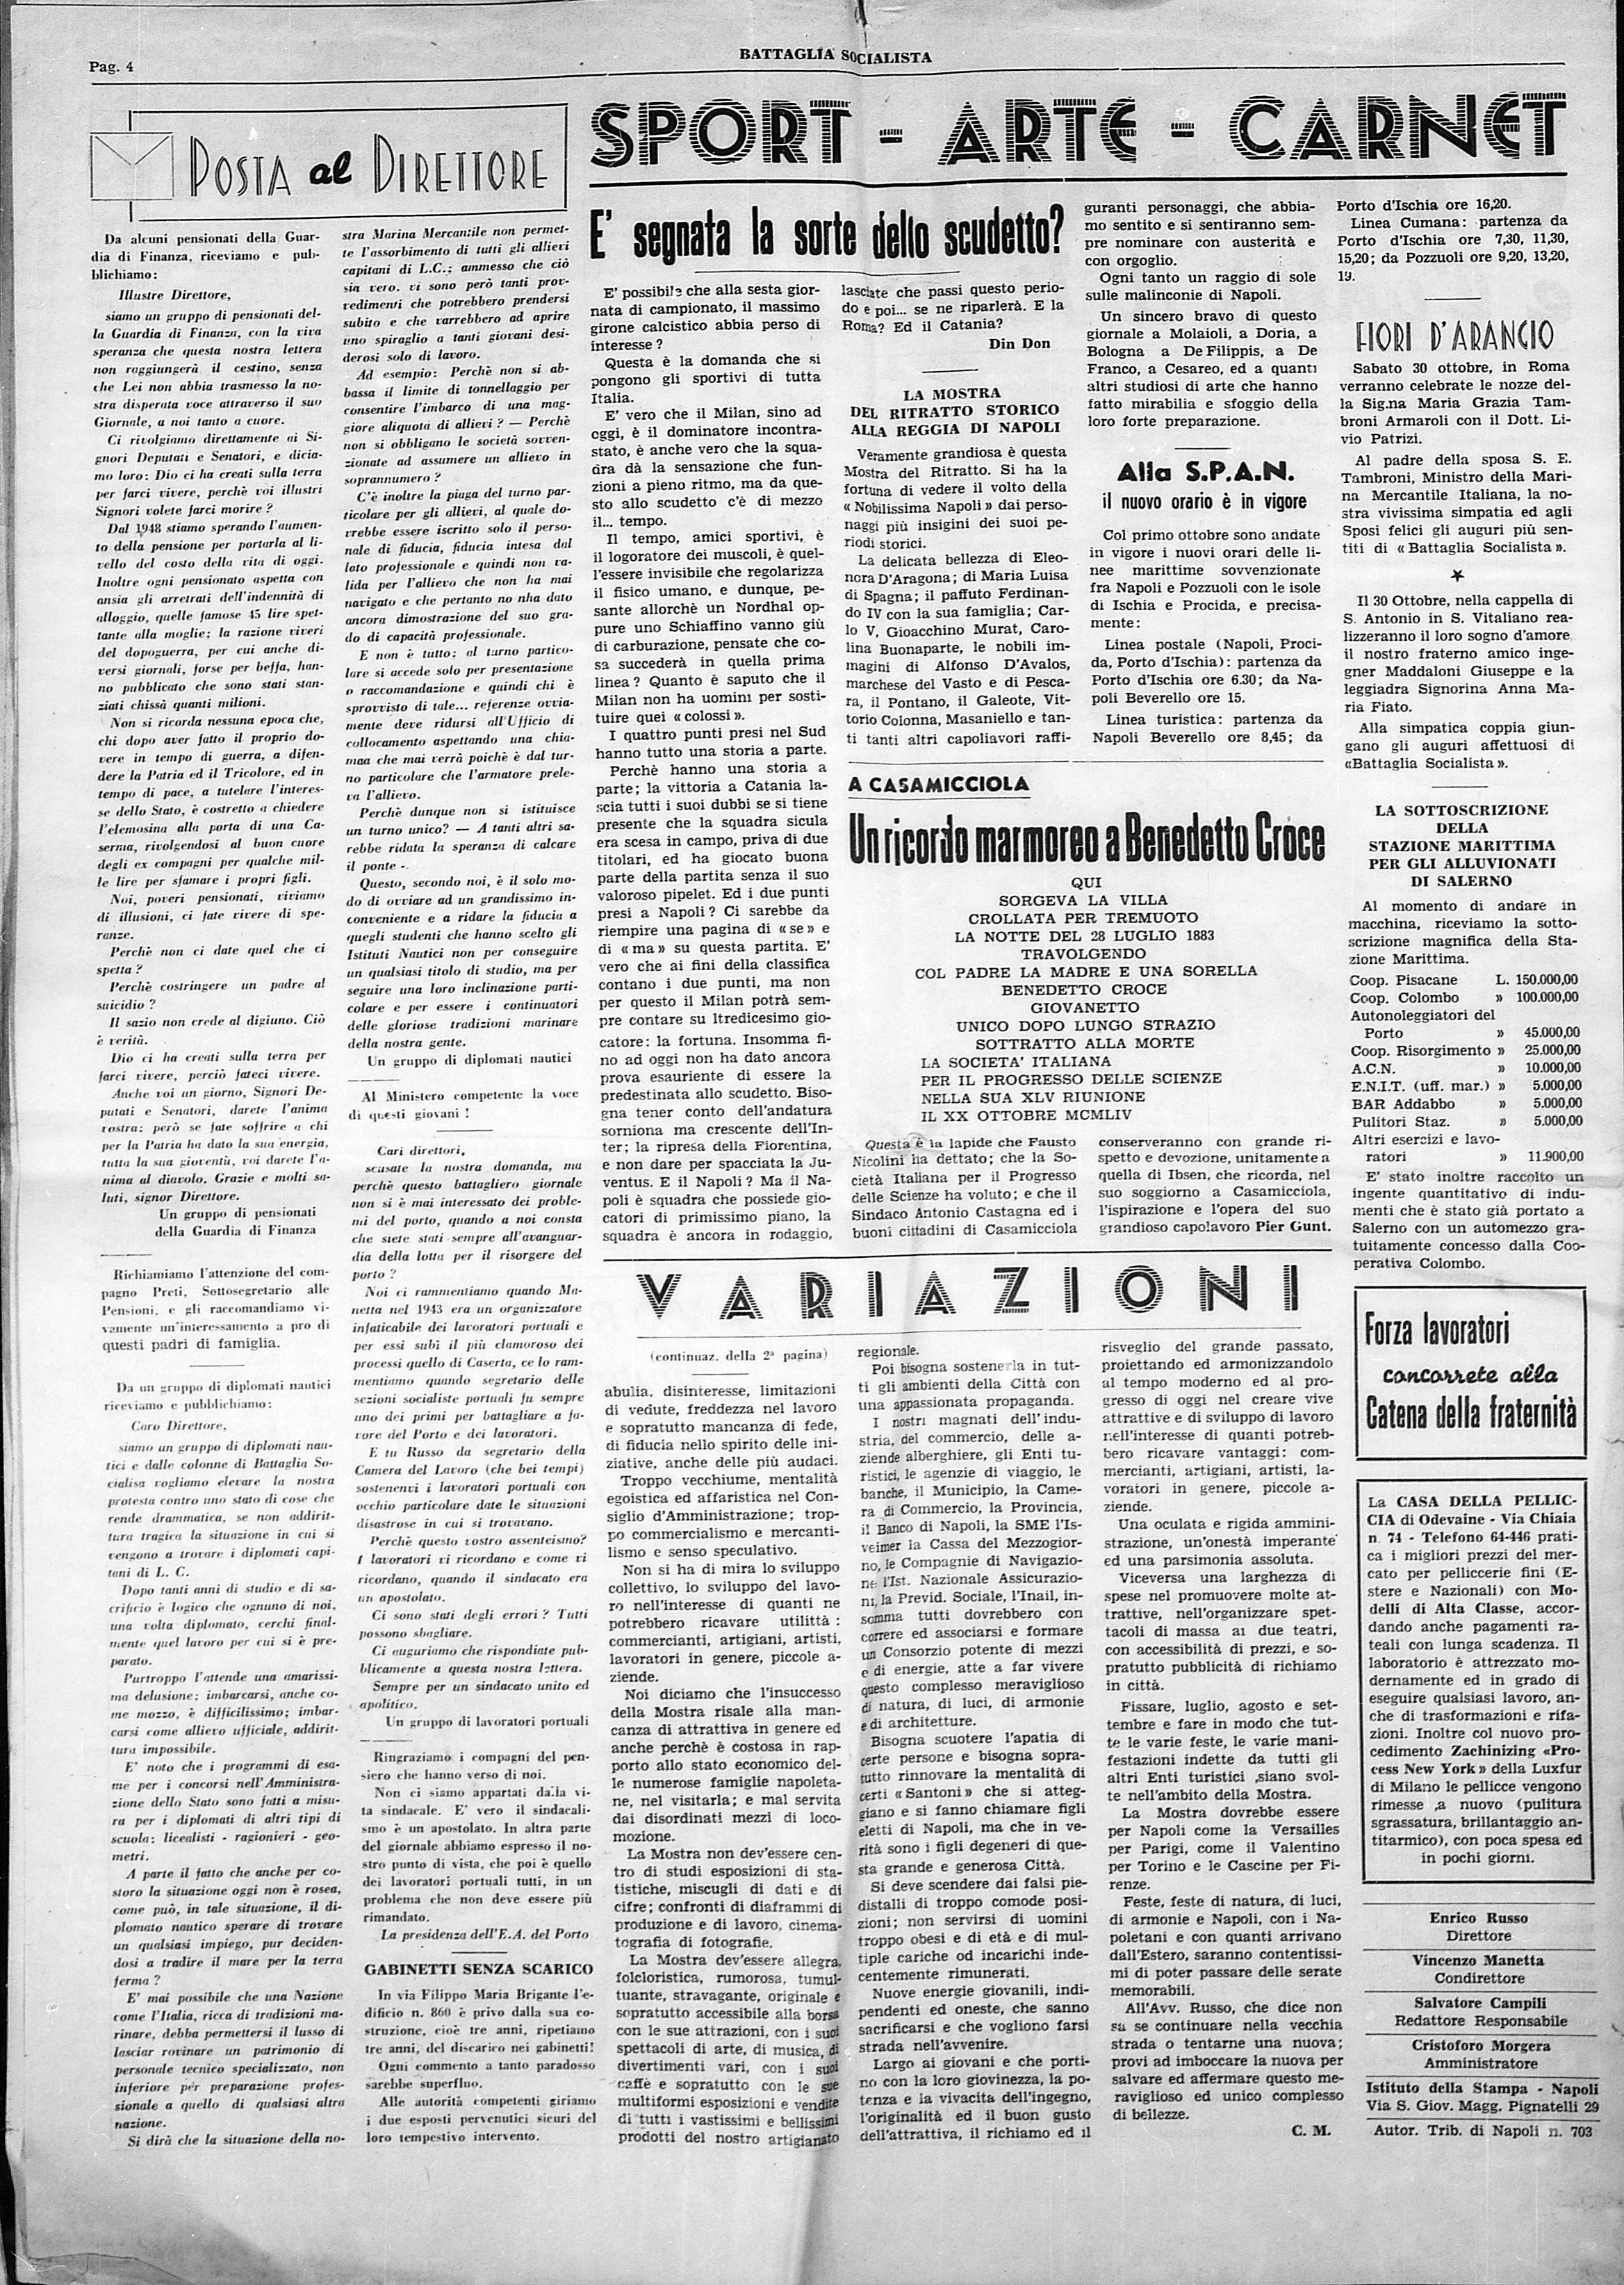 Battaglia Socialista a. II, n.3 - pag. 4